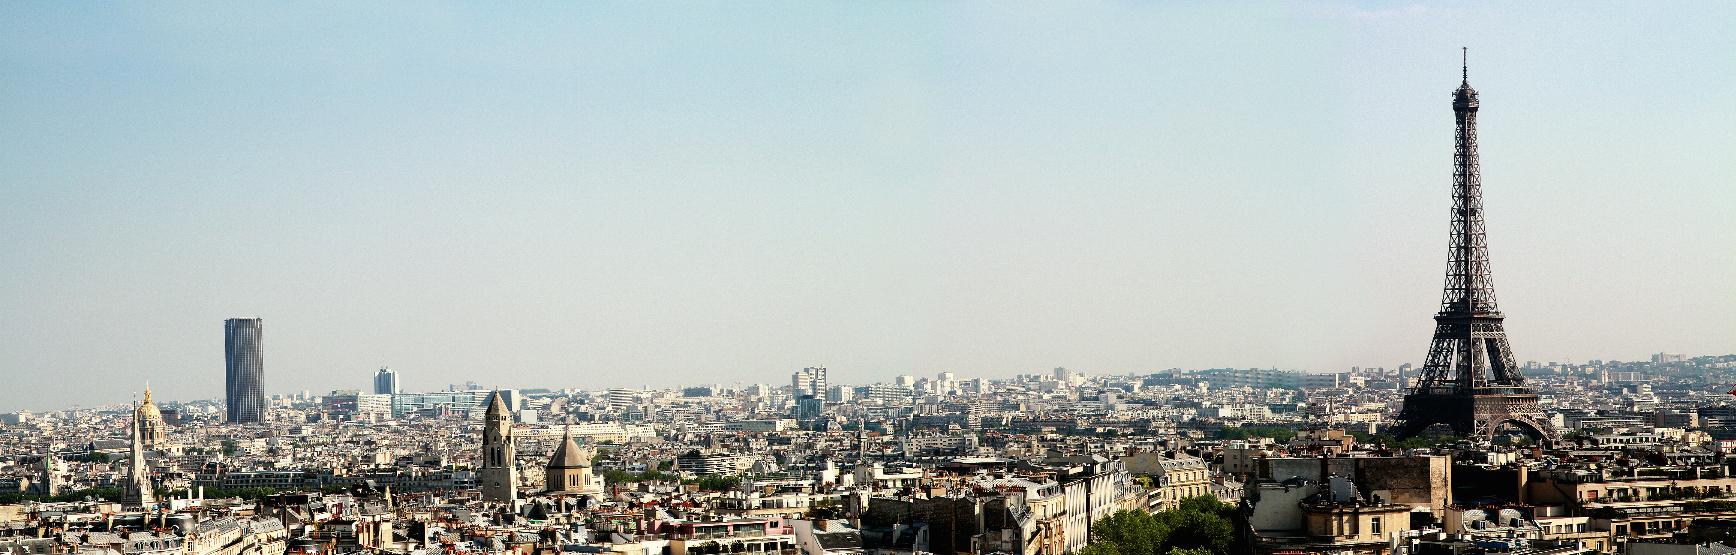 Roteiro de 3 dias em Paris 12 dicas Viaje Global